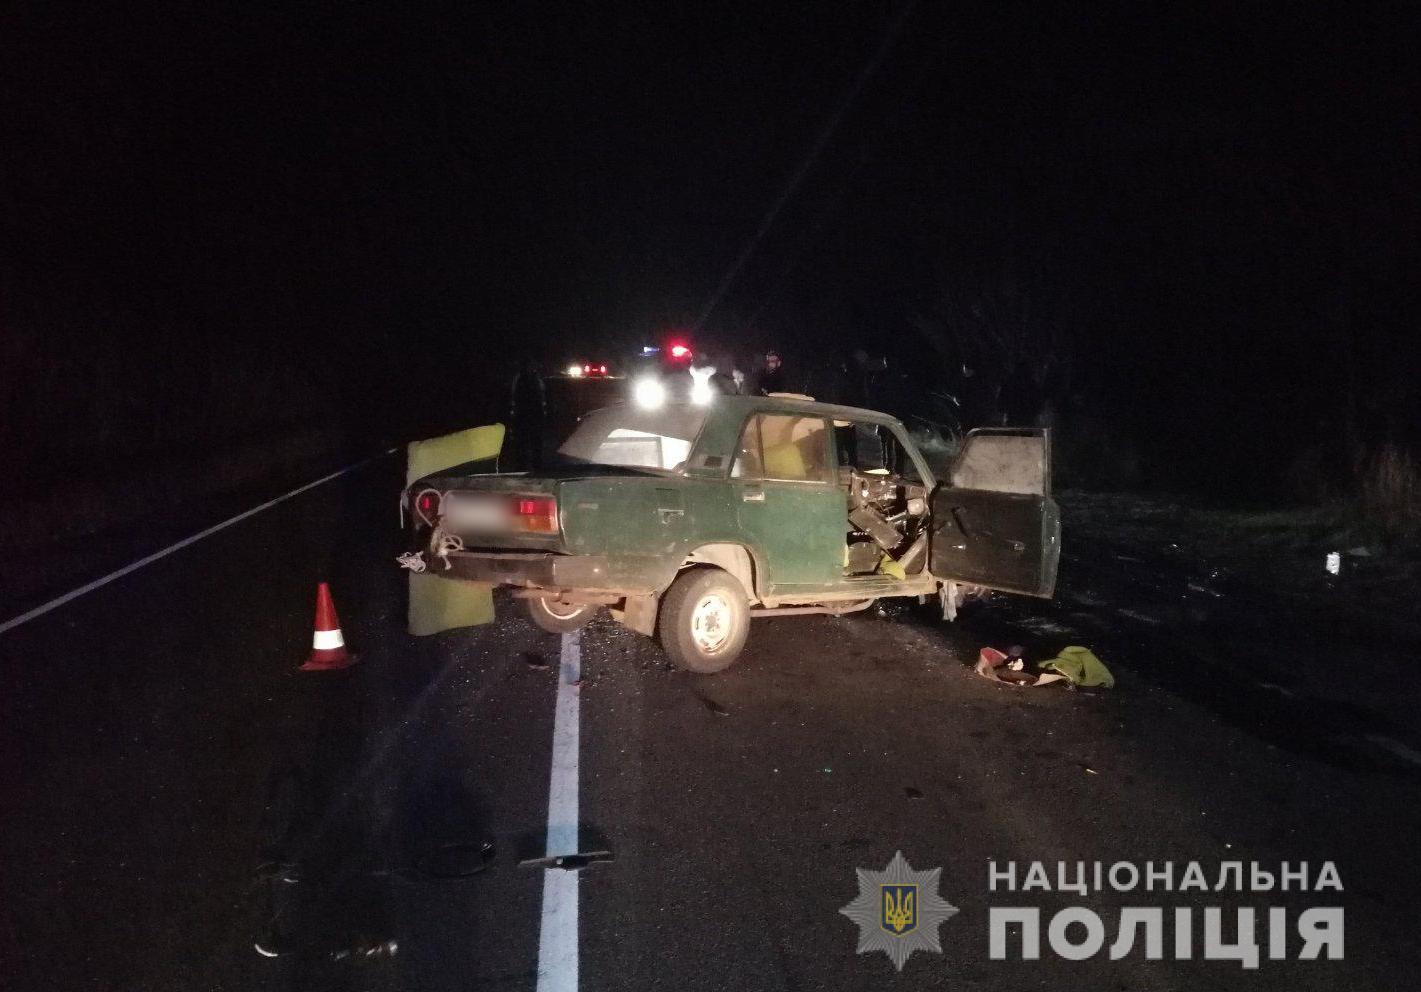 В Харьковской области пьяный водитель выехал на трассу и погиб (фото)